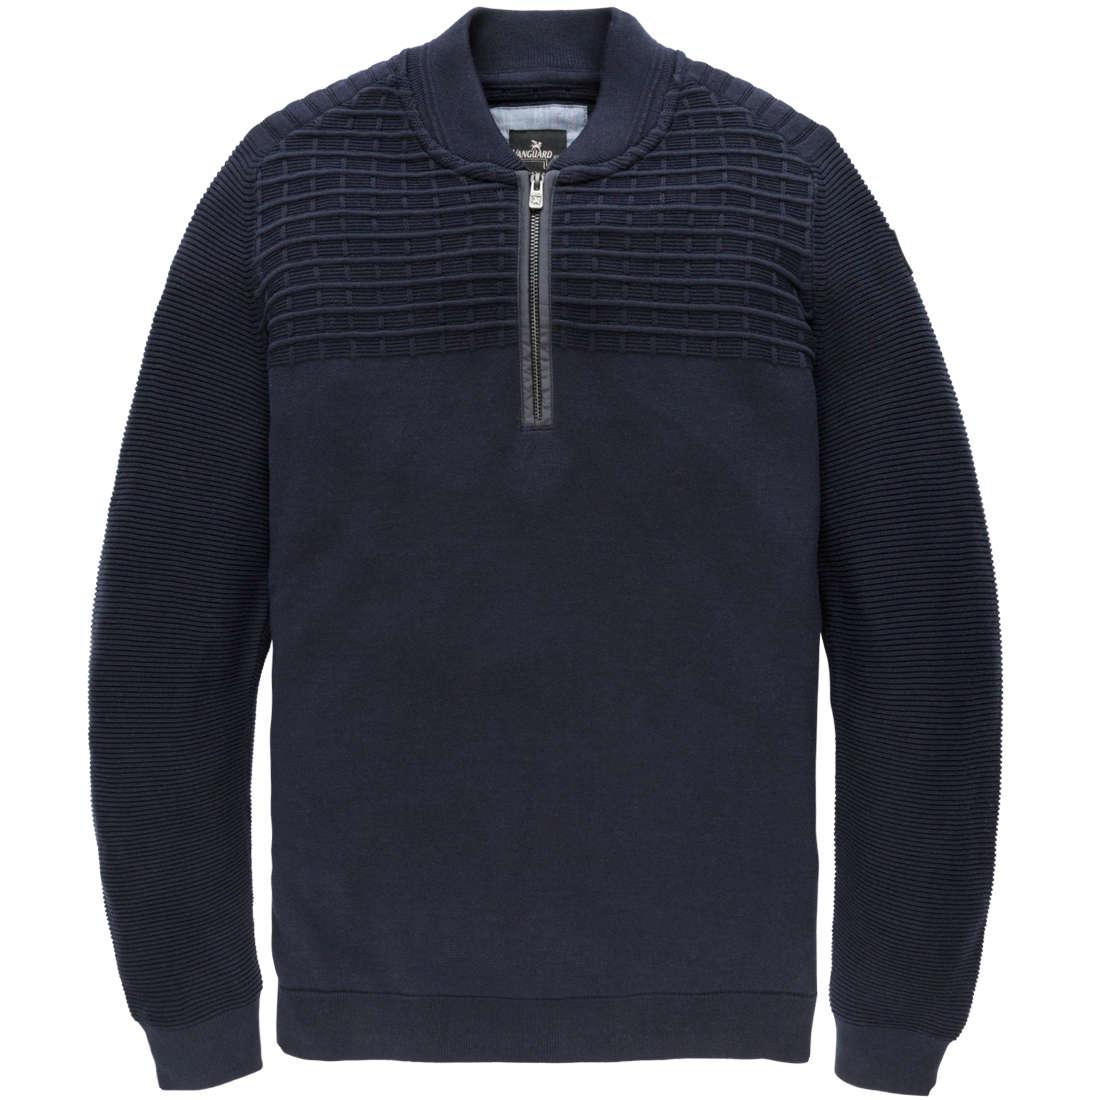 Vanguard trui vkw185110 in het Donker Blauw